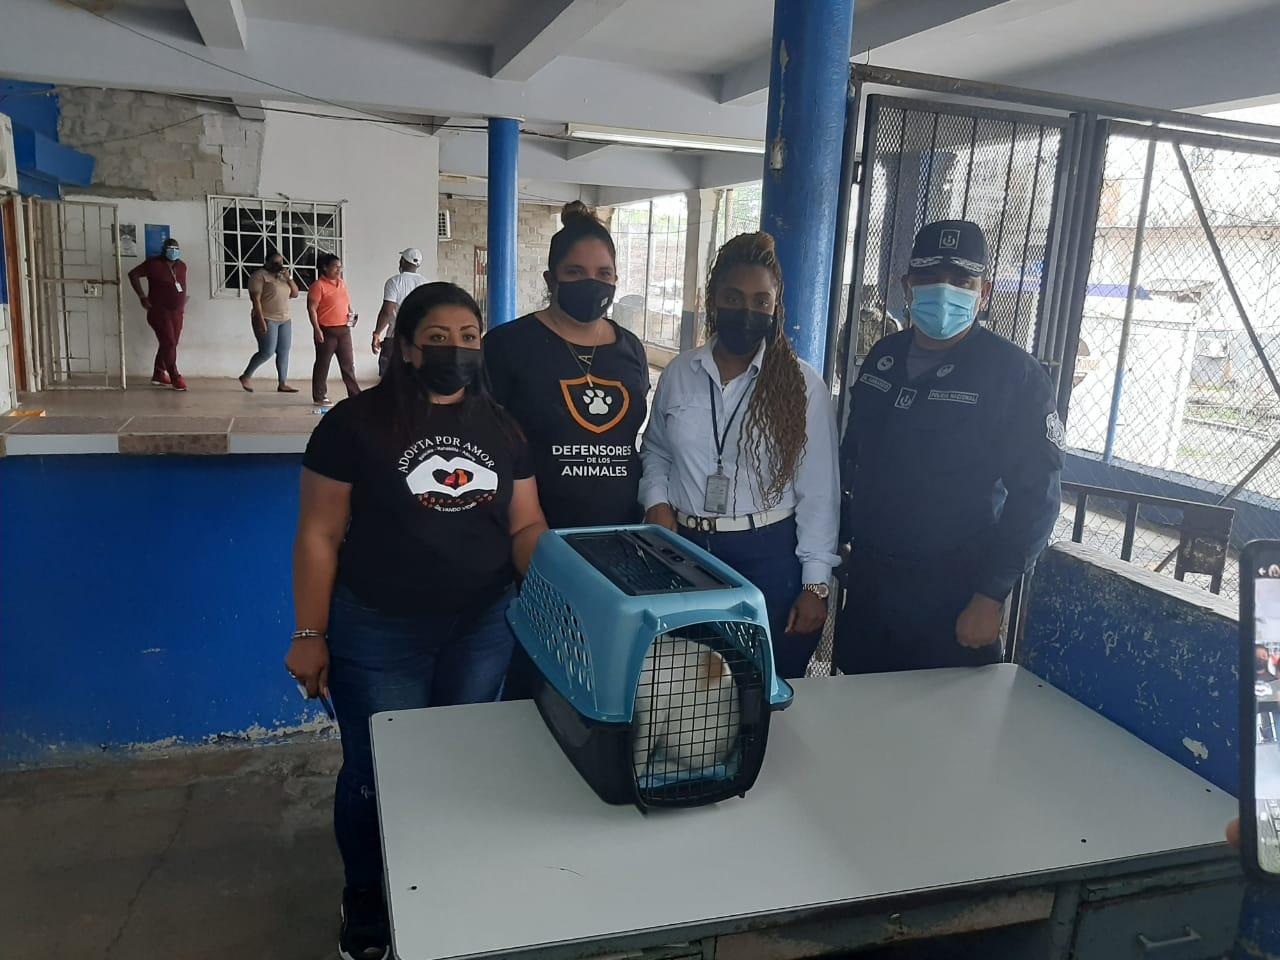 Gato é preso por transportar drogas - Foto: Reprodução / TwitterGato é preso por transportar drogas - Foto: Reprodução / Twitter